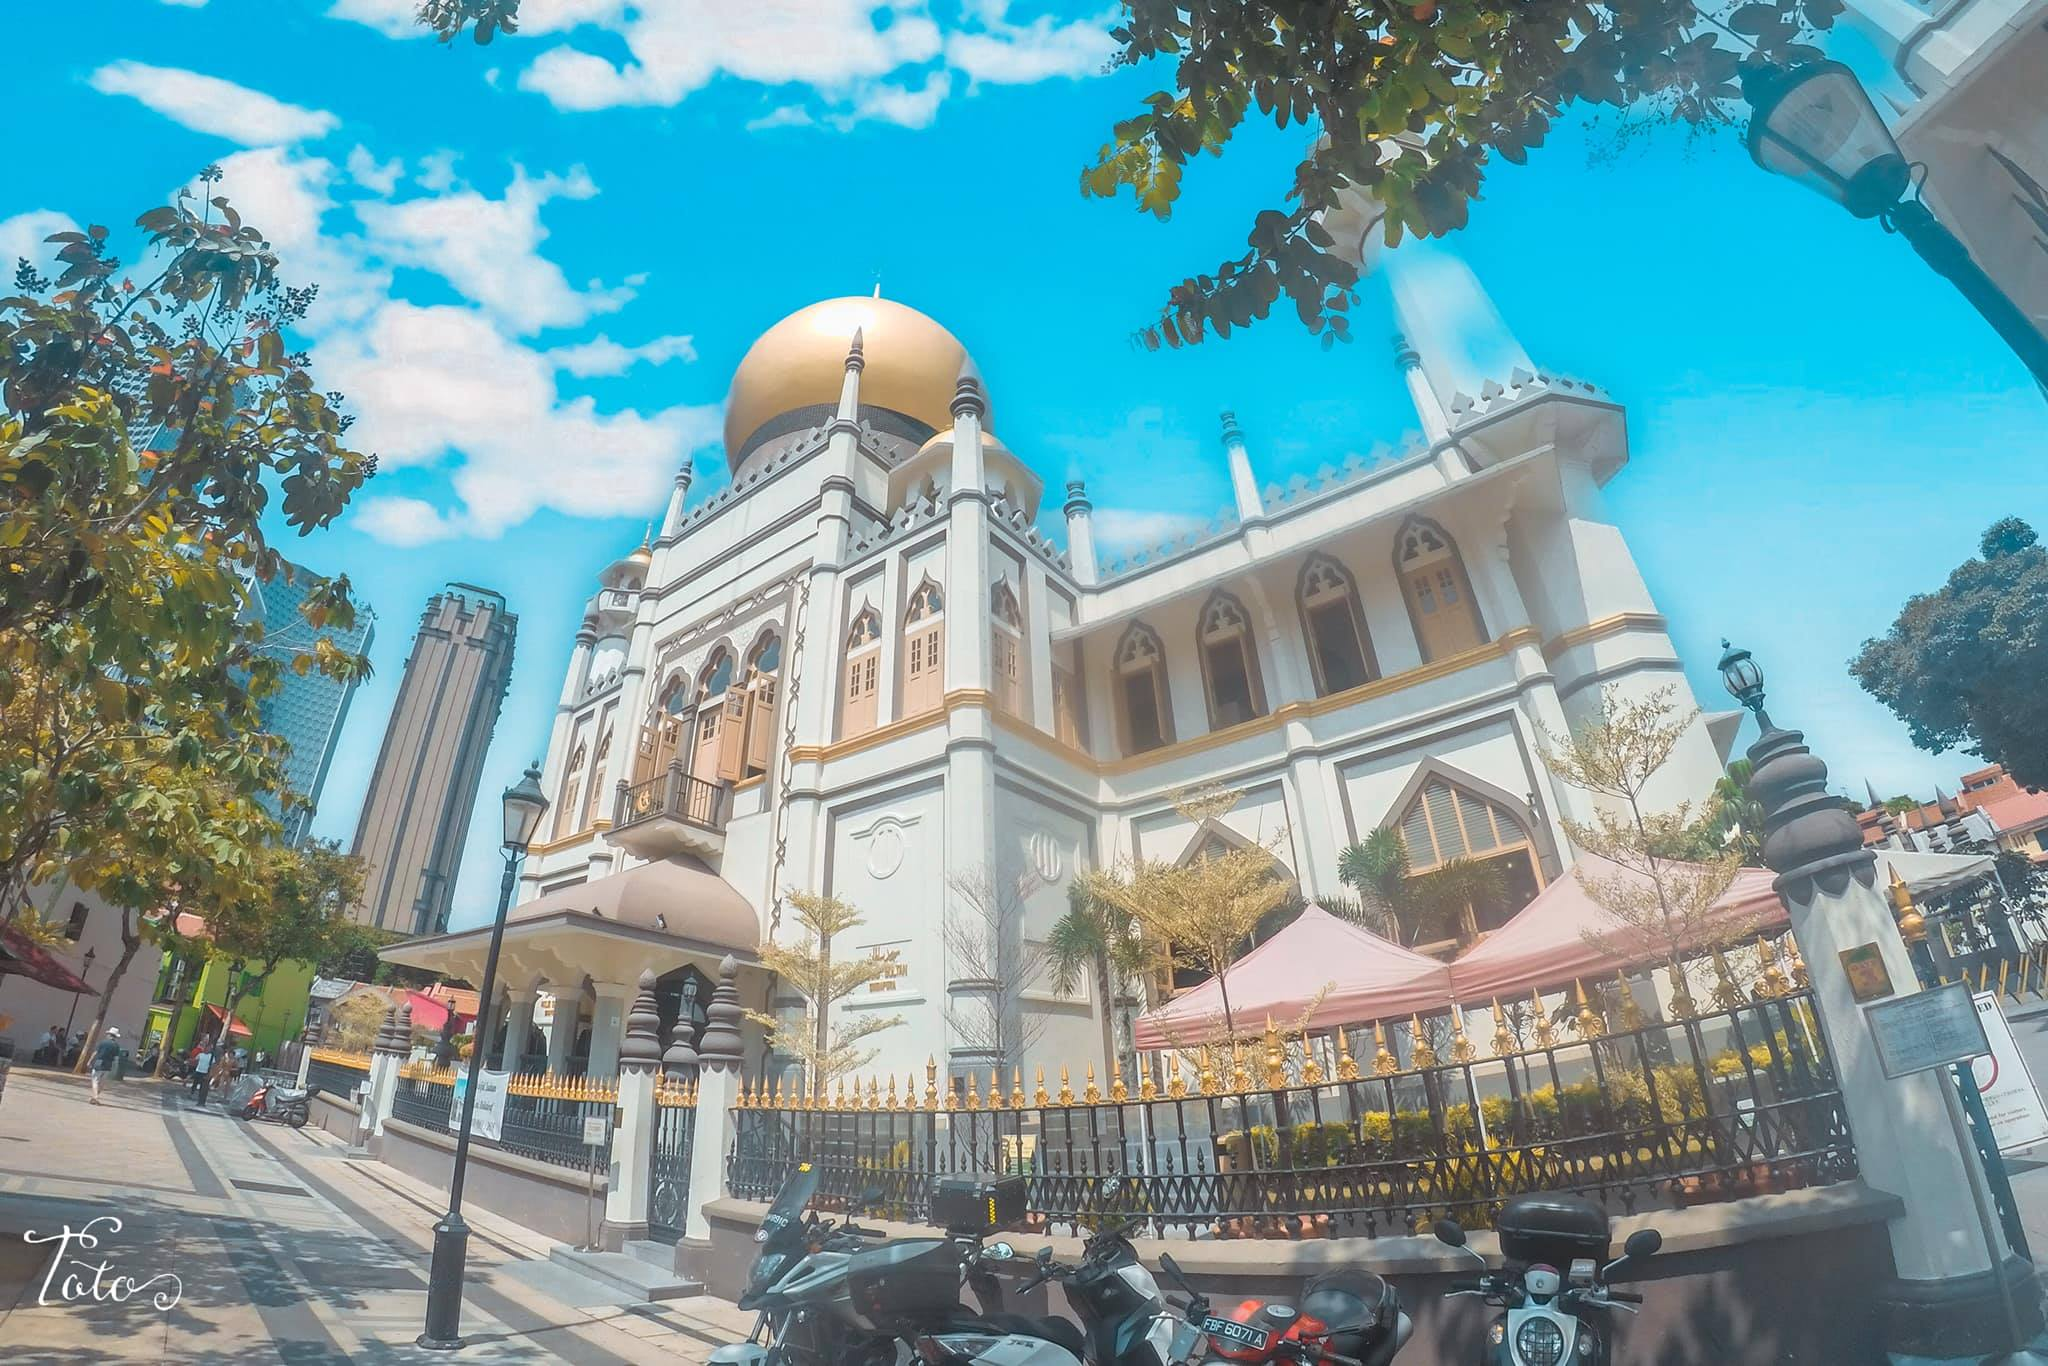 đền thờ hồi giáo tại little india